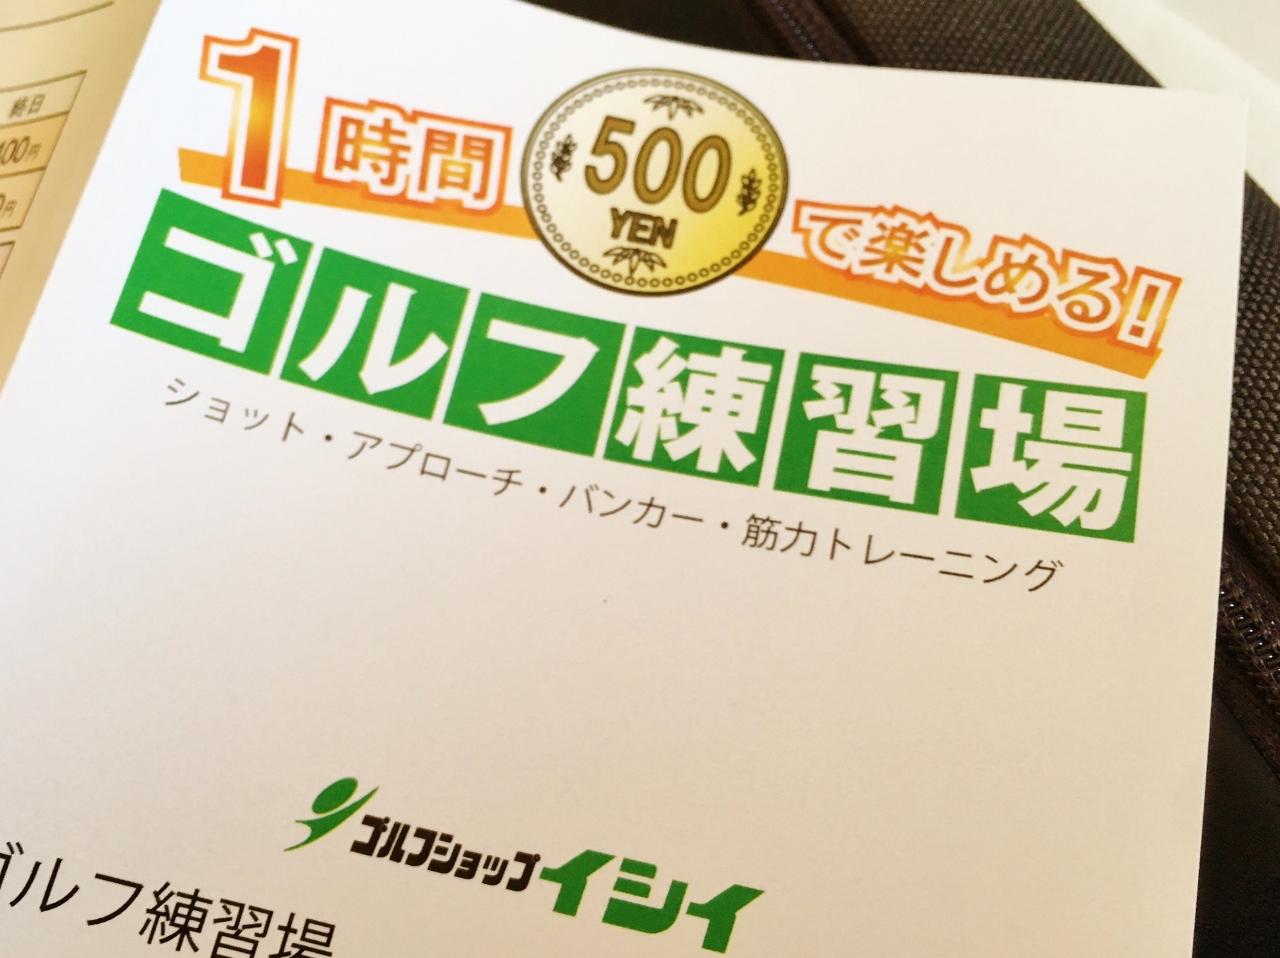 1時間500円